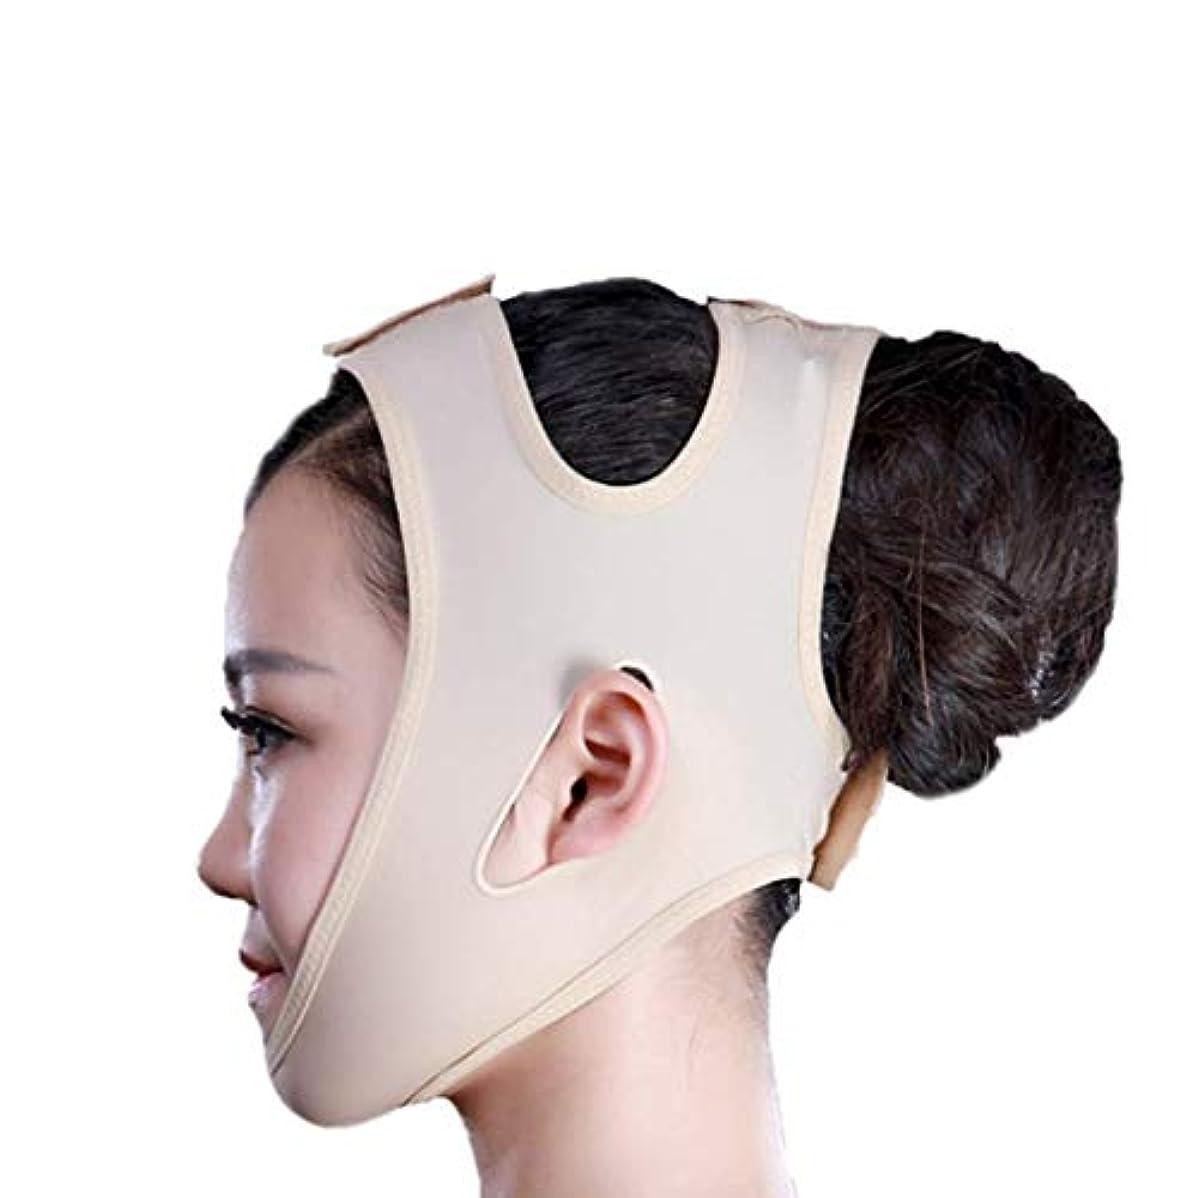 ありがたい貼り直す付き添い人フェイススリミングマスク、快適さと通気性、フェイシャルリフティング、輪郭の改善された硬さ、ファーミングとリフティングフェイス(カラー:ブラック、サイズ:XL),黄色がかったピンク、S